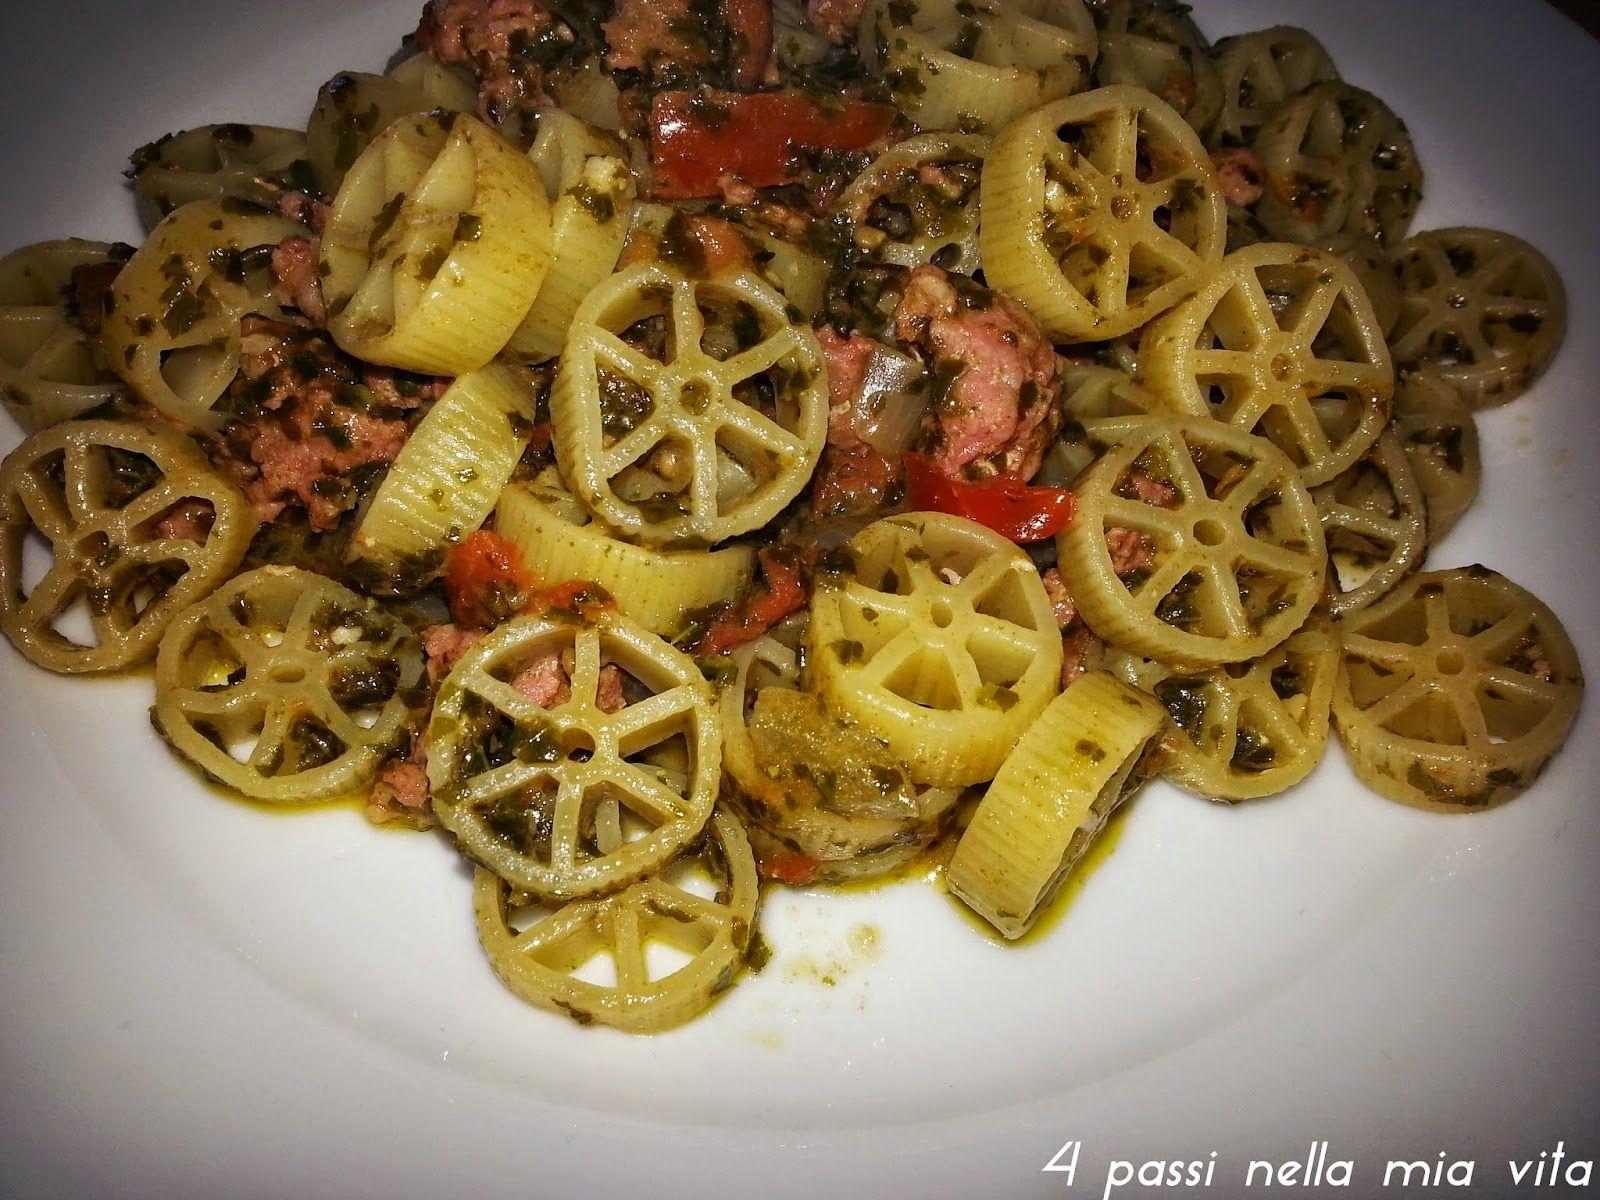 4 passi nella mia vita: Primi piatti: Ruote al pesto di basilico fresco, s...